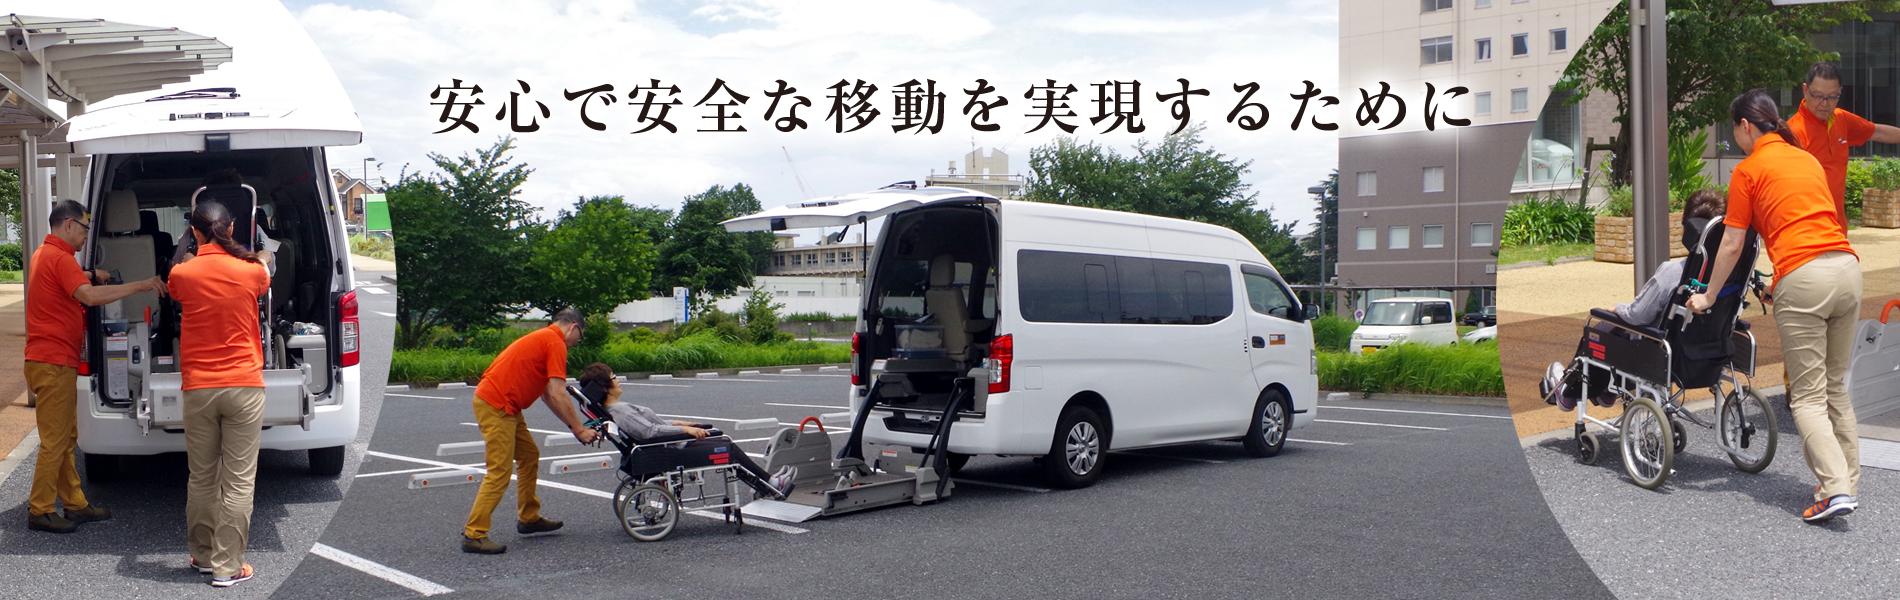 千葉県千葉市の介護タクシー、車椅子タクシー